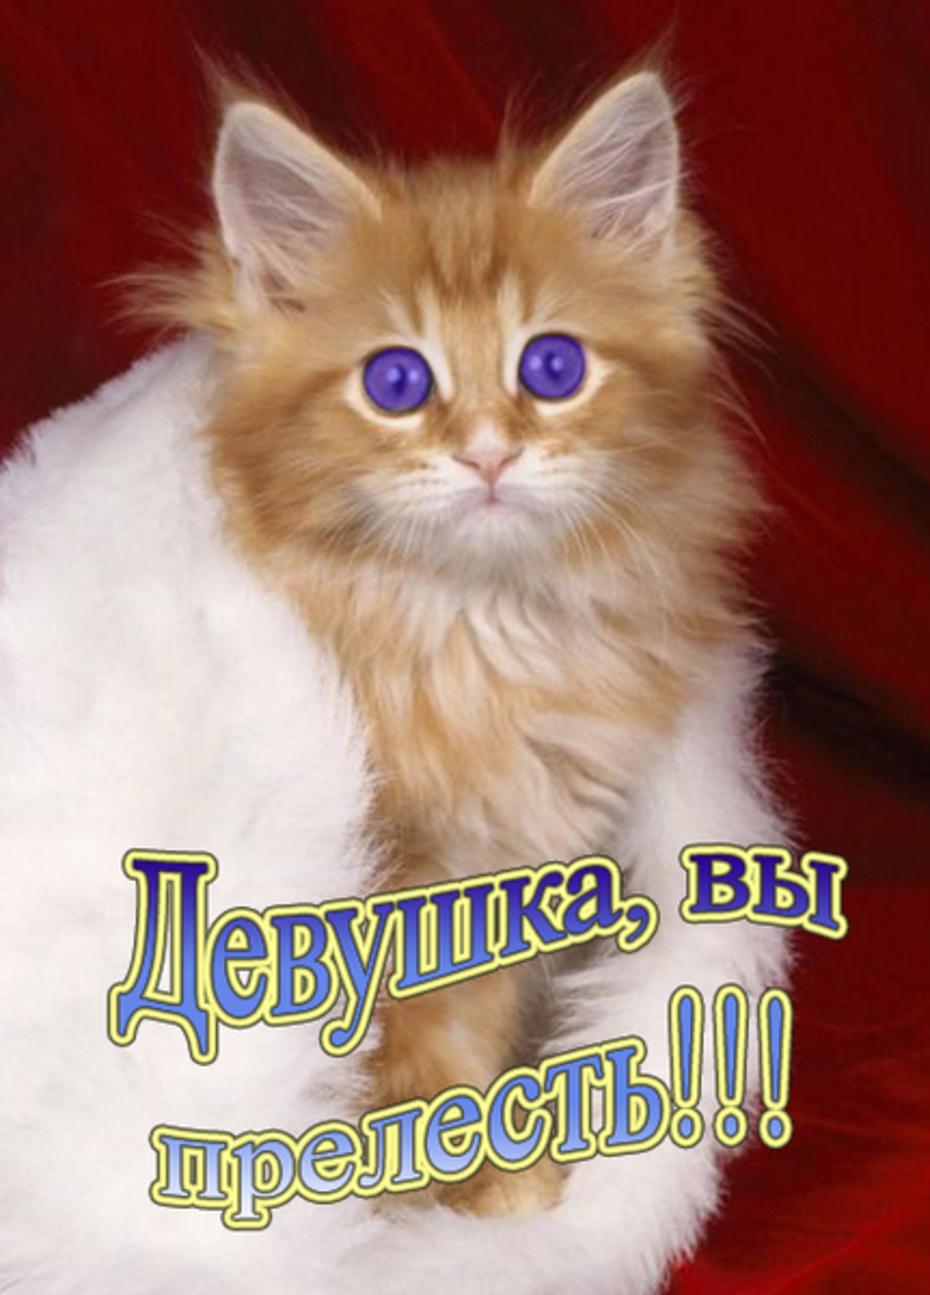 Мая, картинки с надписями ты очень красивая